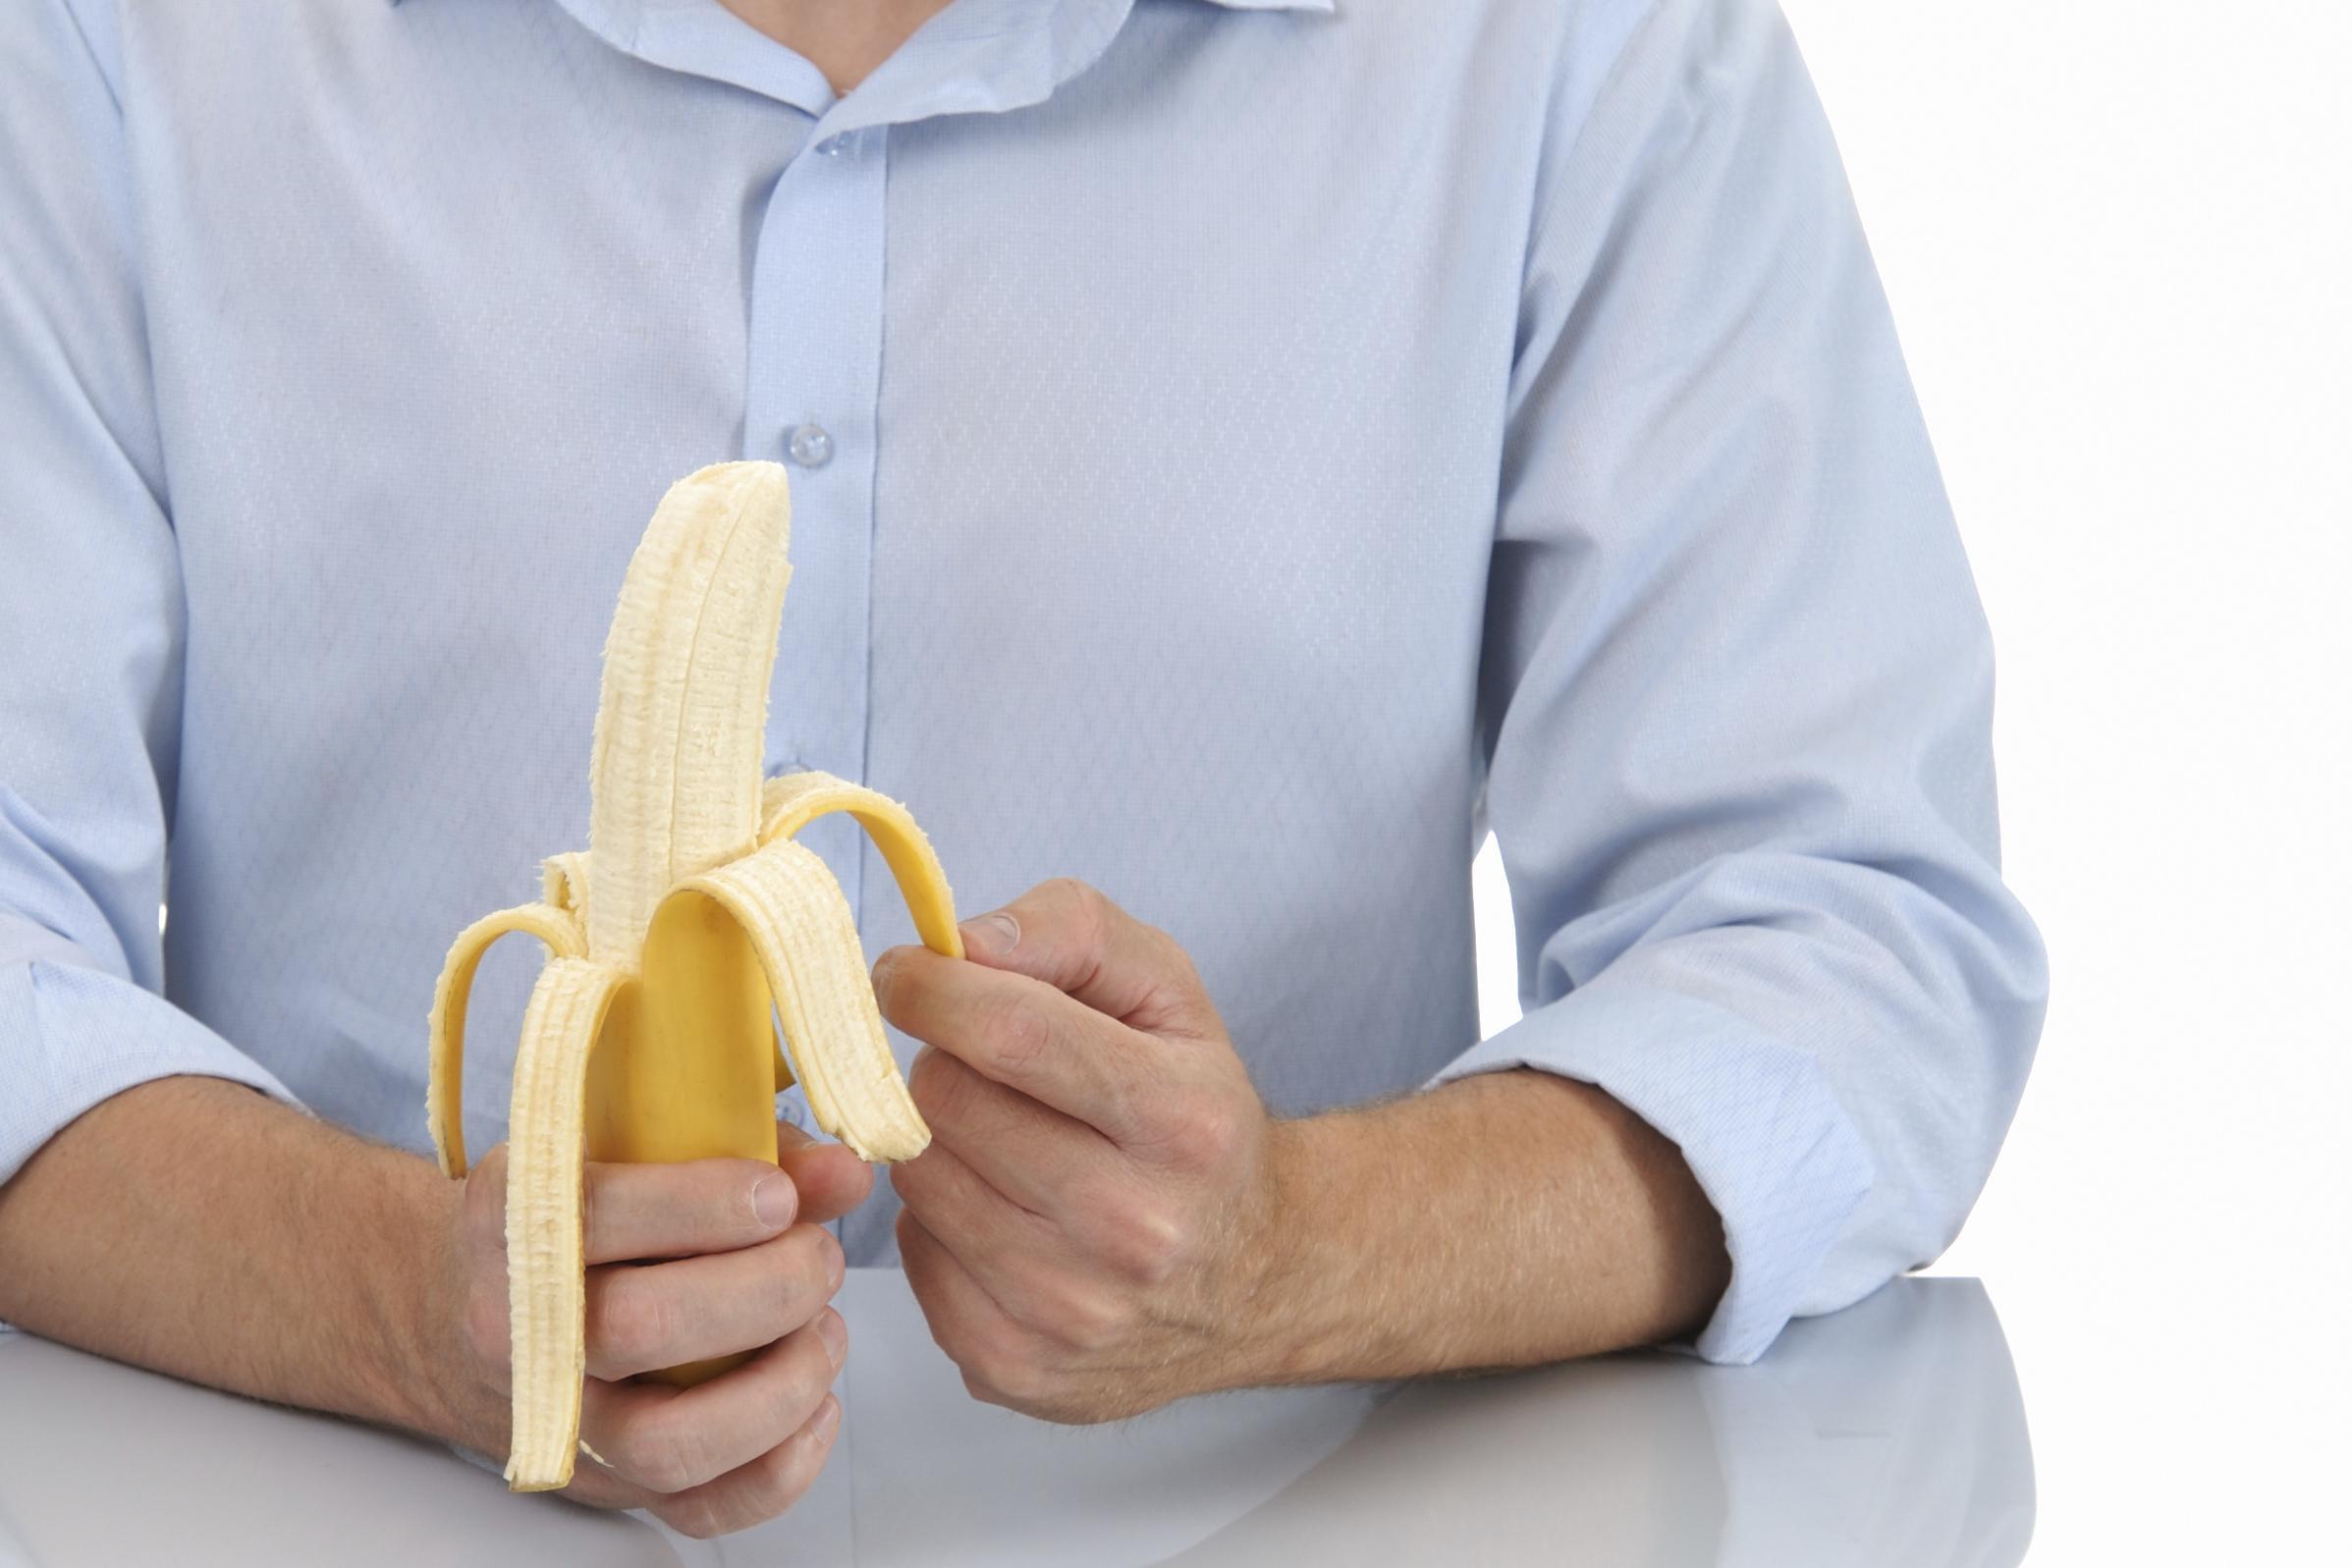 hogyan lehet javítani az erekciót 70 évesen miért nem mindig merevednek a férfiak